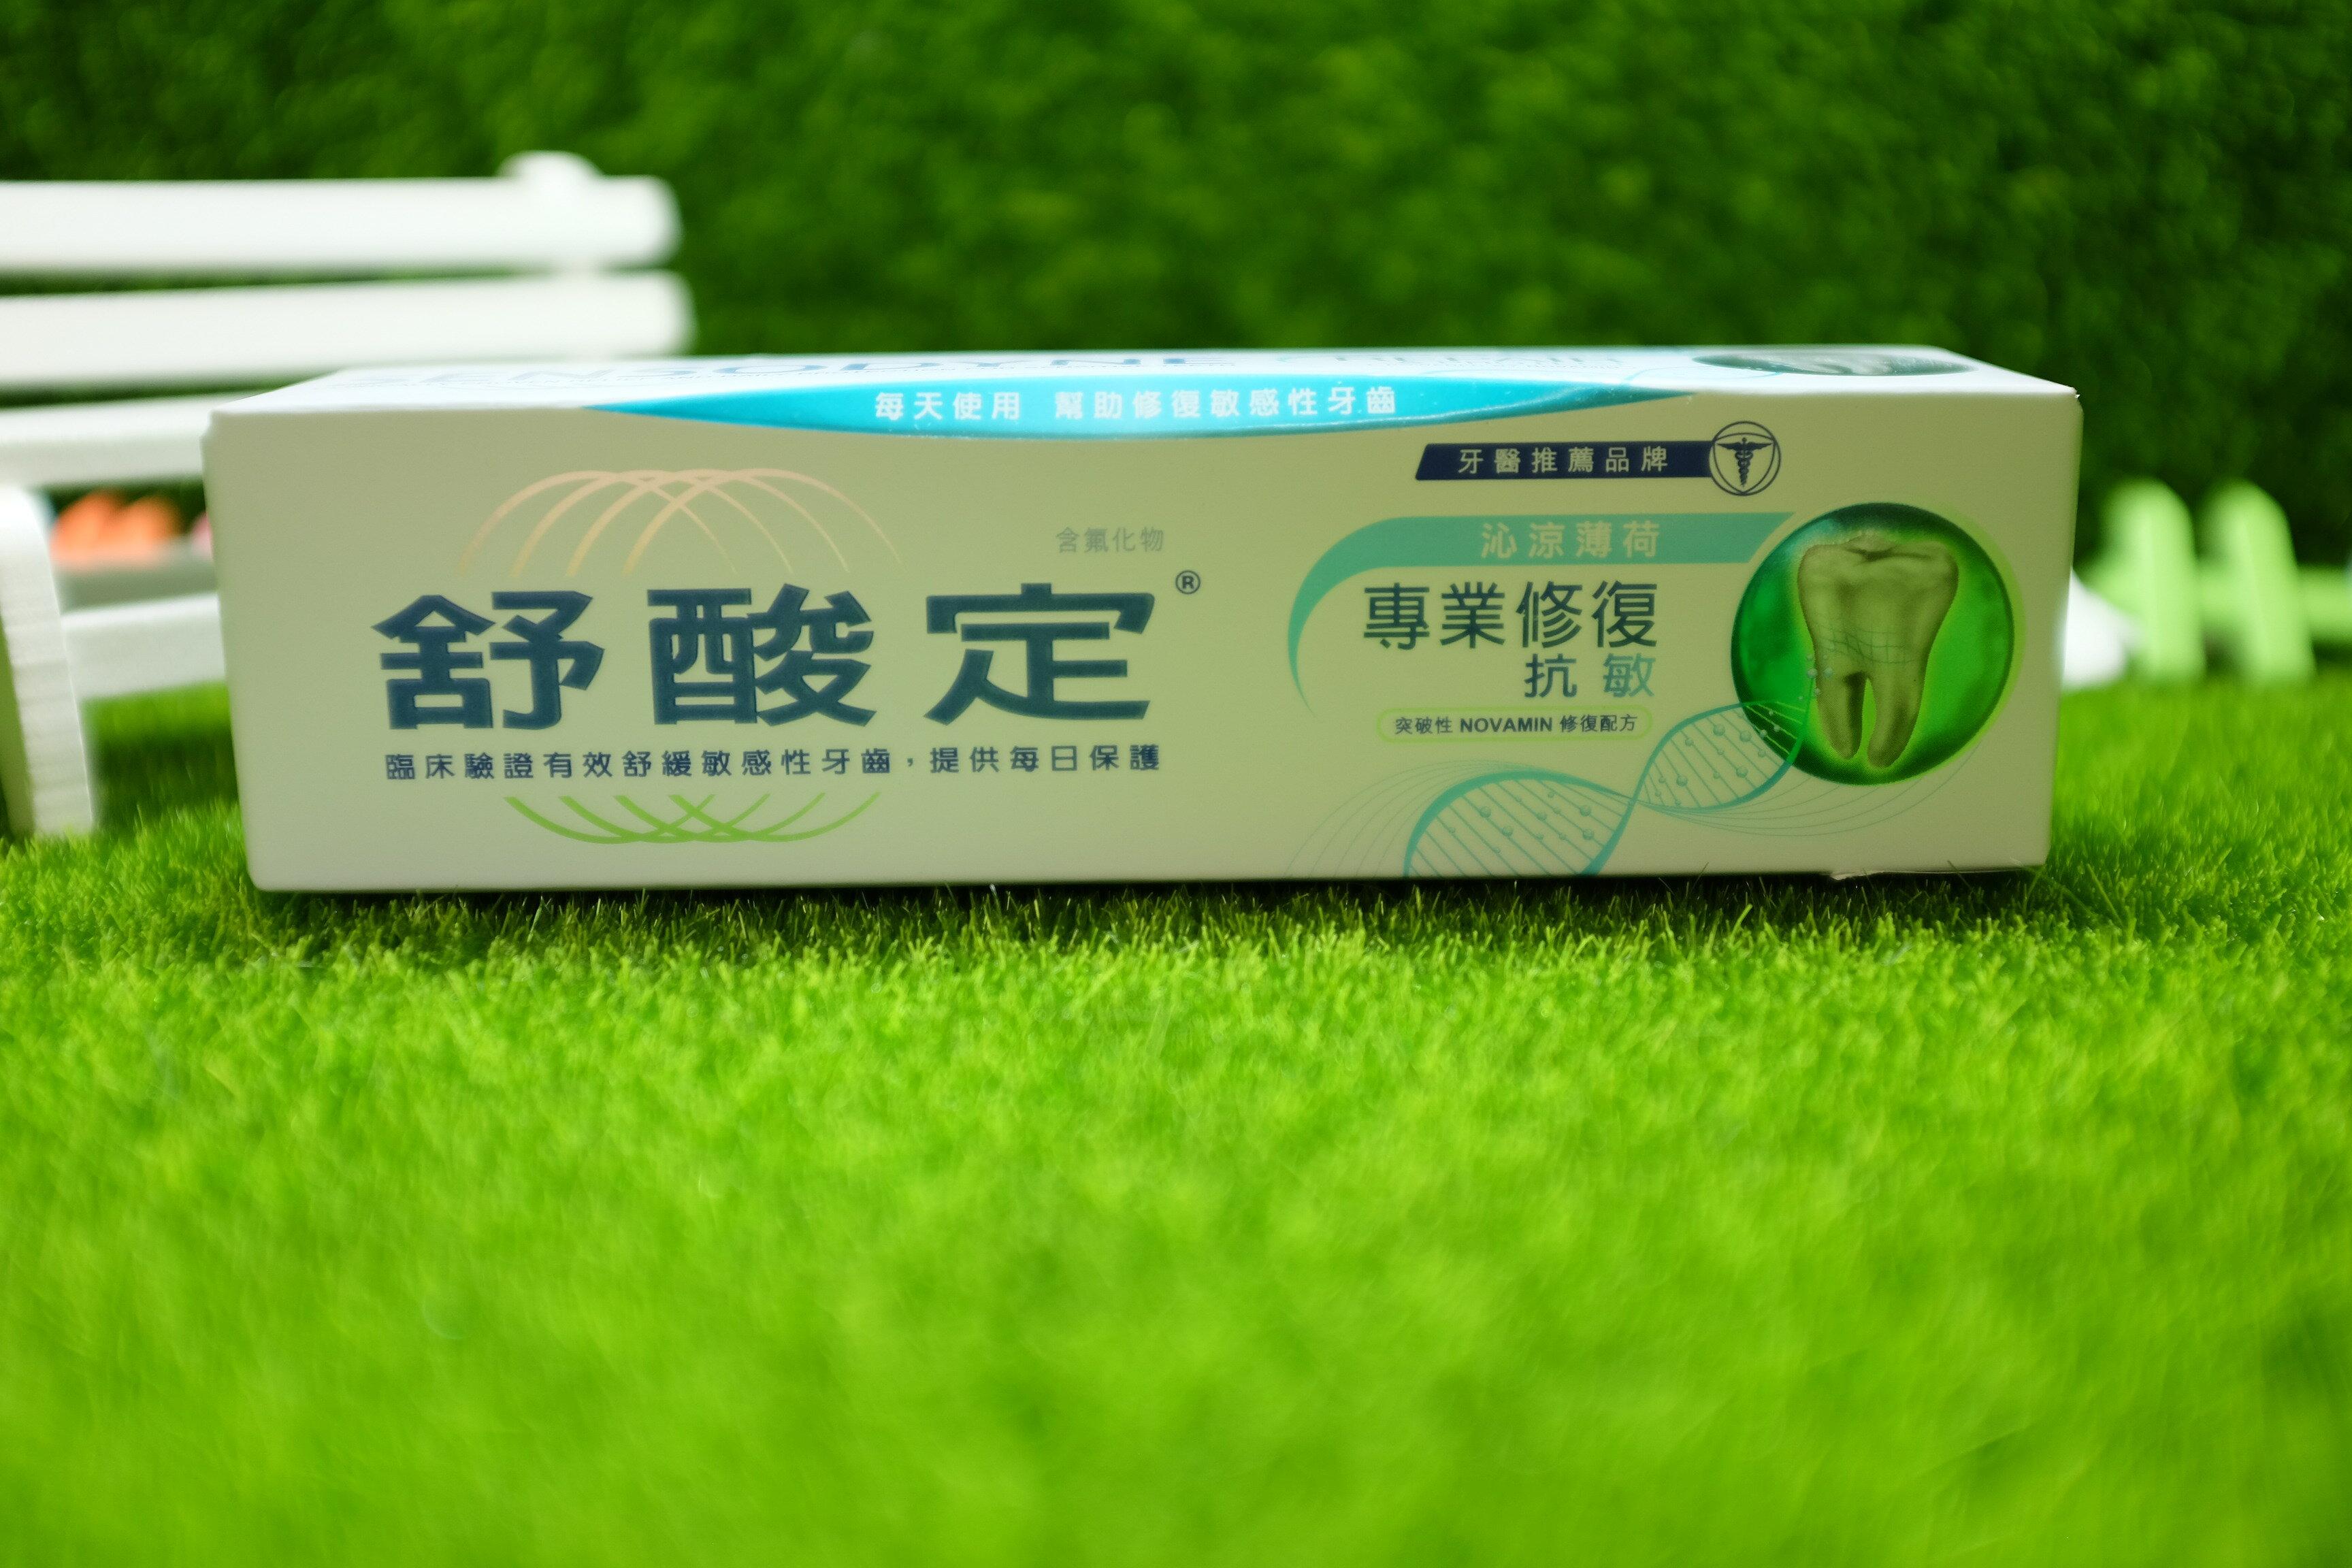 舒酸定 專業修復抗敏牙膏 沁涼薄荷 100g #抗敏